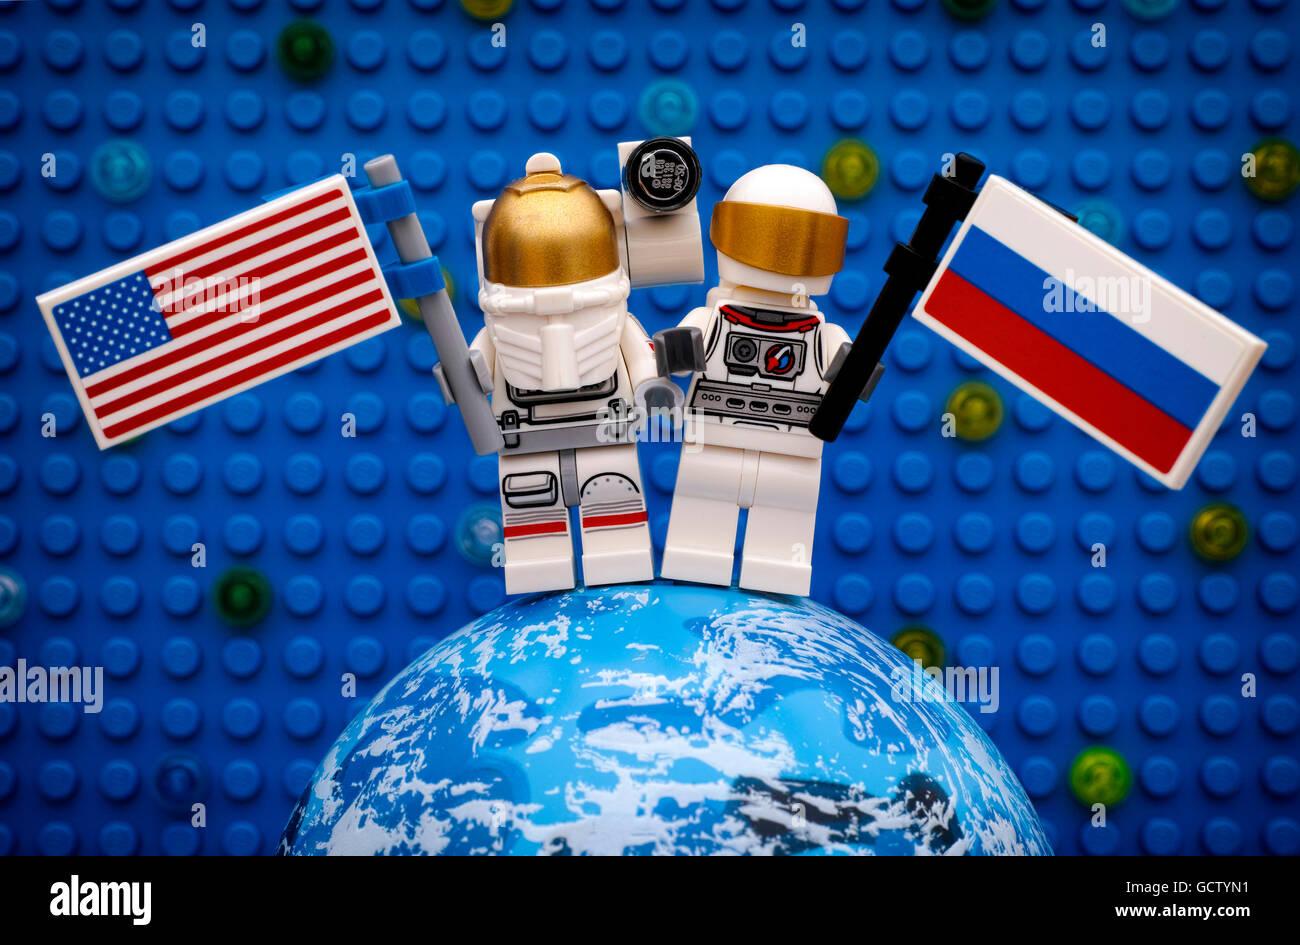 Zwei Lego-Spaceman-Minifiguren mit amerikanischen und russischen Fahnen bleiben auf Planeten gegen Lego blaue Grundplatte Stockbild